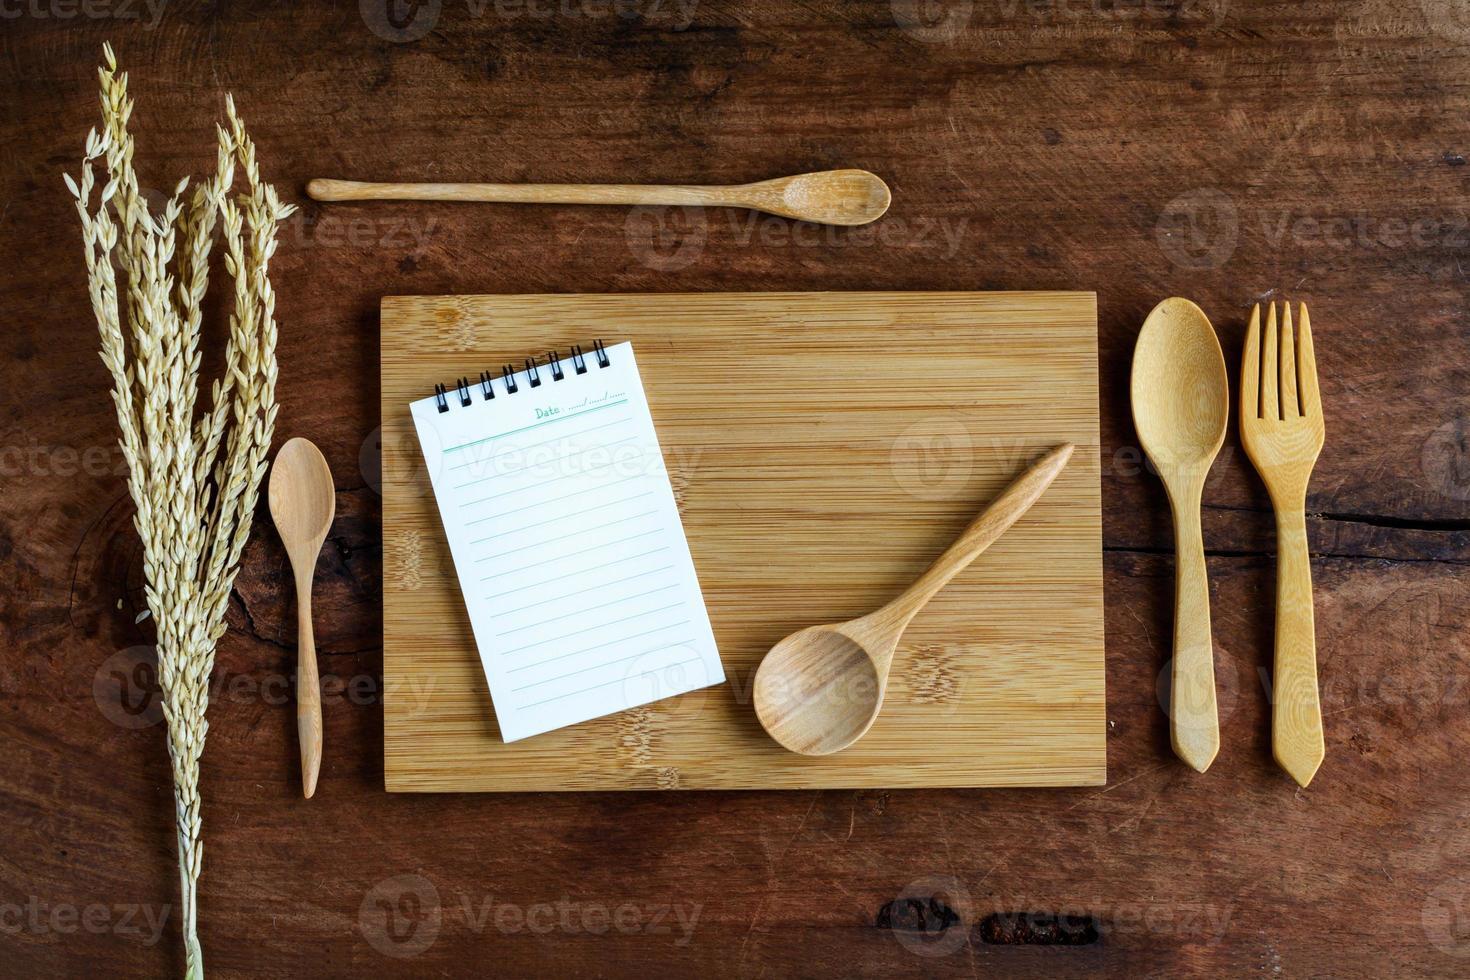 anteckningsbok och träredskap på gammalt trä foto